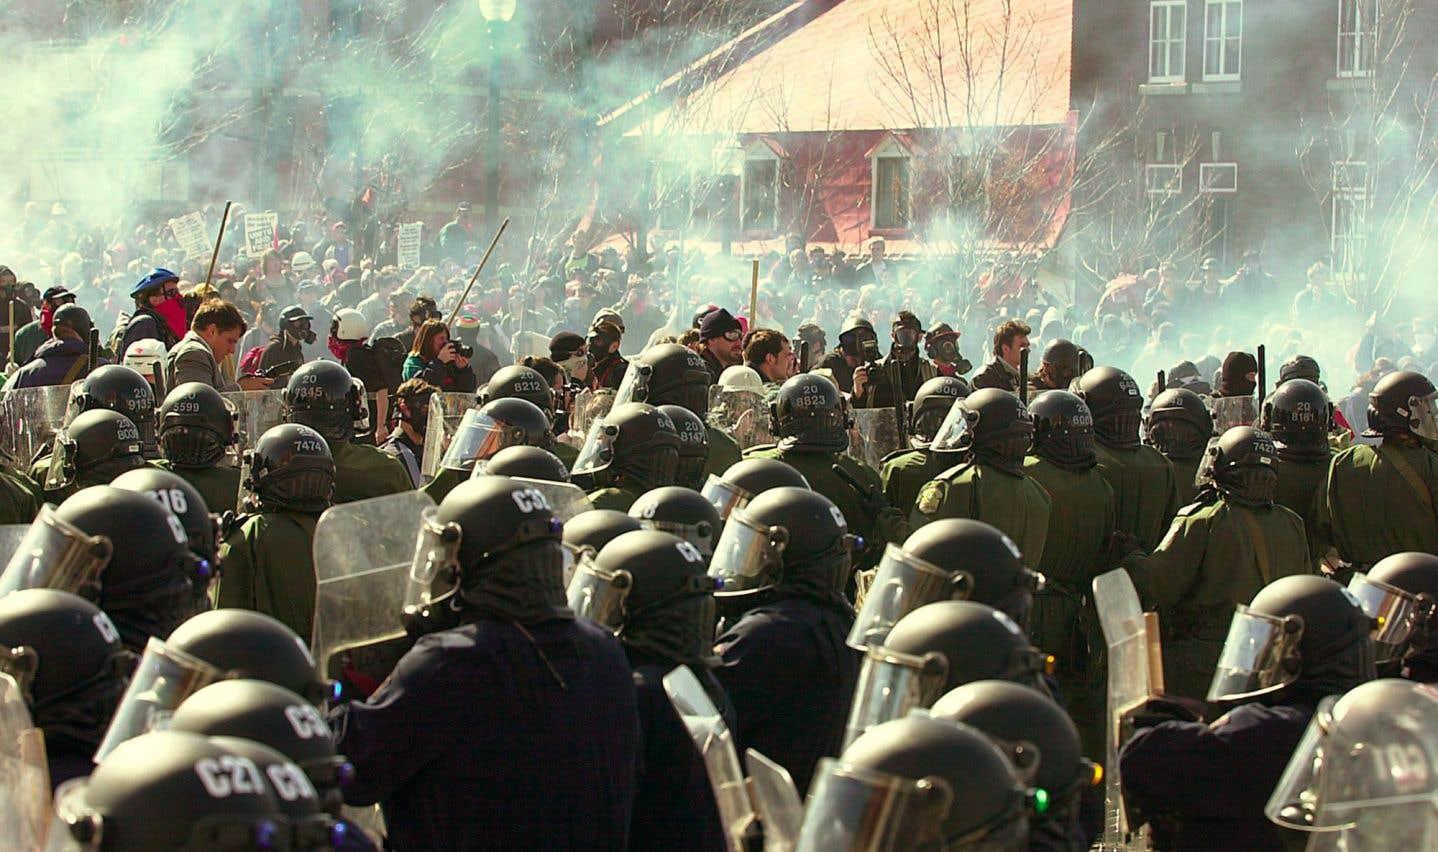 Affrontement entre policiers et manifestants lors du Sommet des Amériques qui se tenait à Québec en 2001.